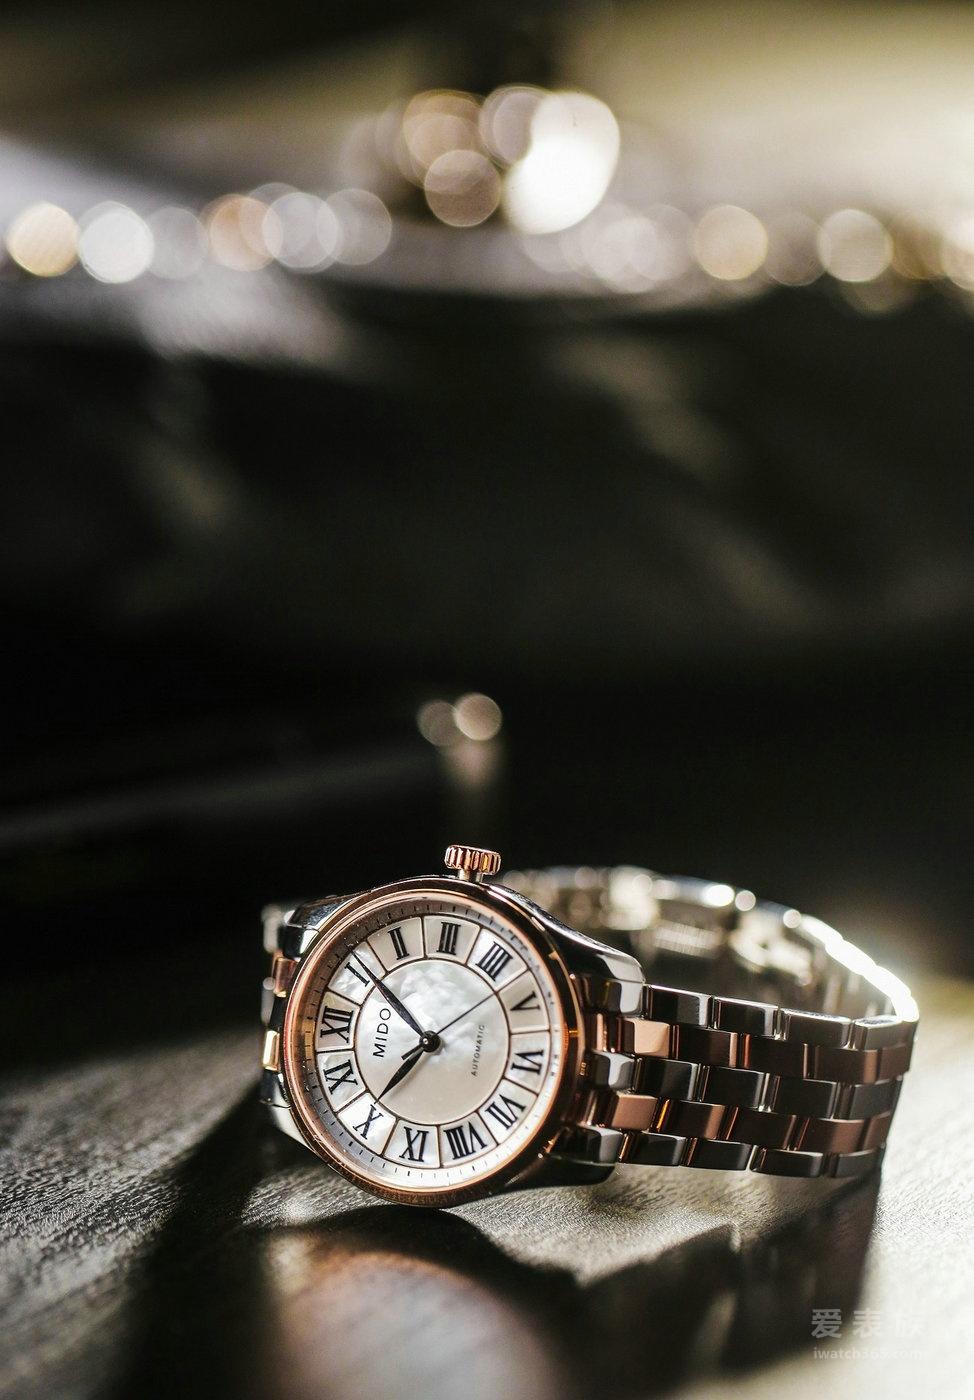 炫目溢彩,腕间独爱 瑞士美度表布鲁纳系列女士腕表全新上市